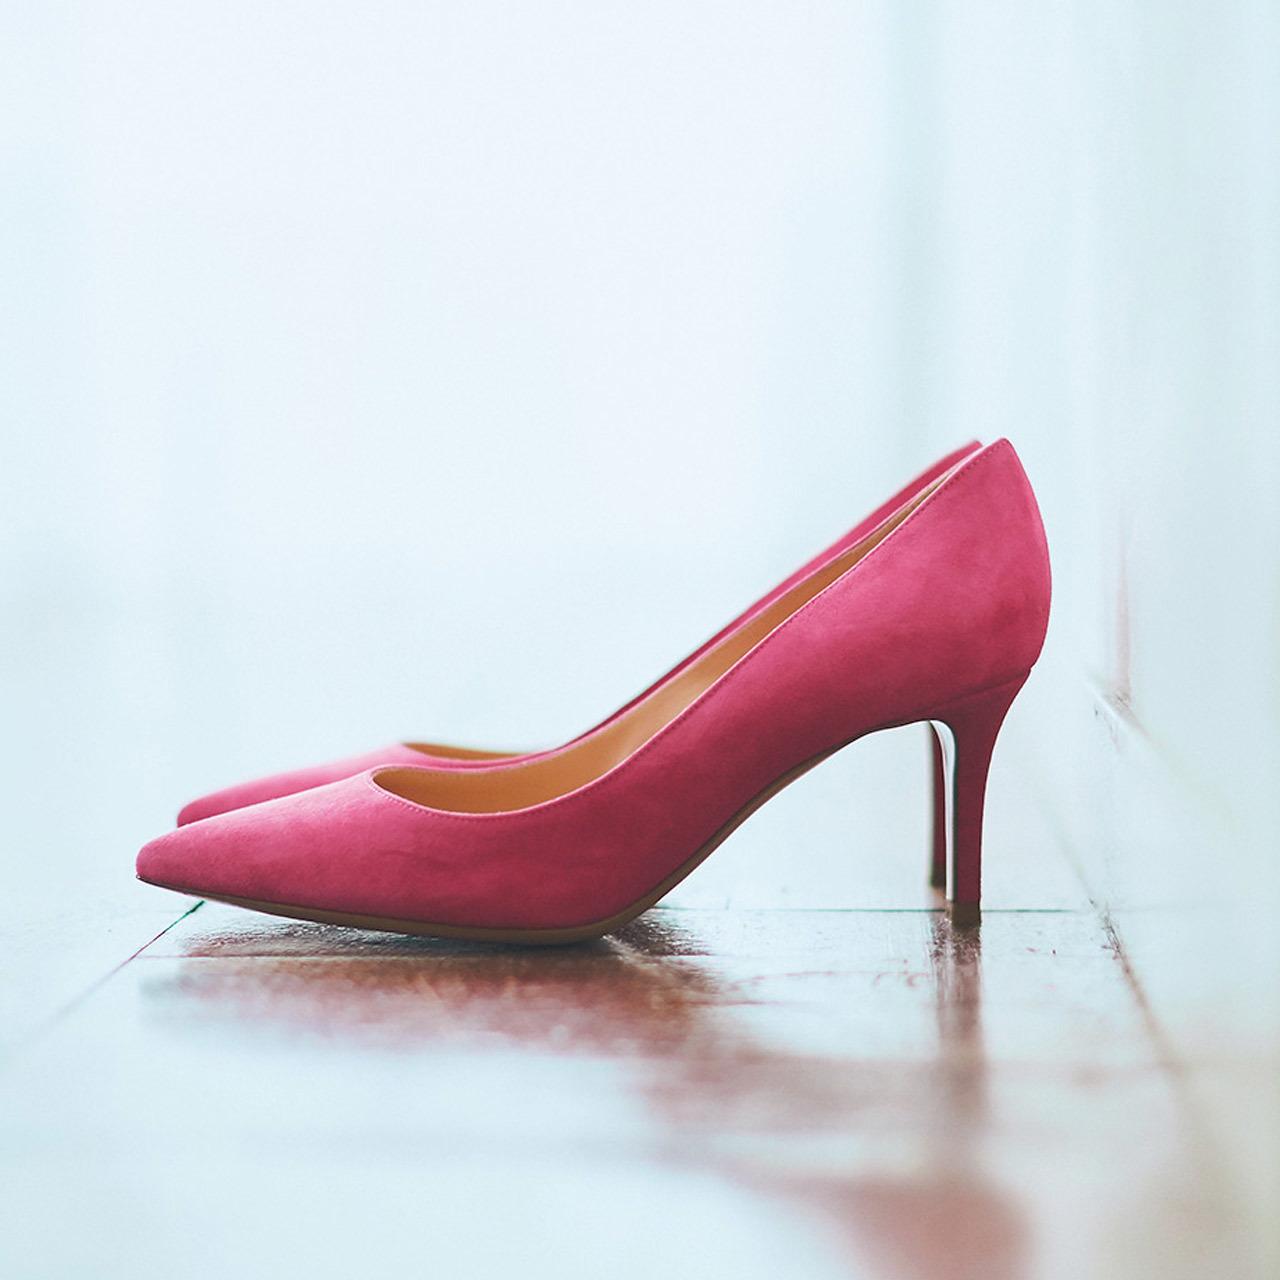 ピンクのパワーを味方に。「どこかにピンク」のある日常_1_1-2